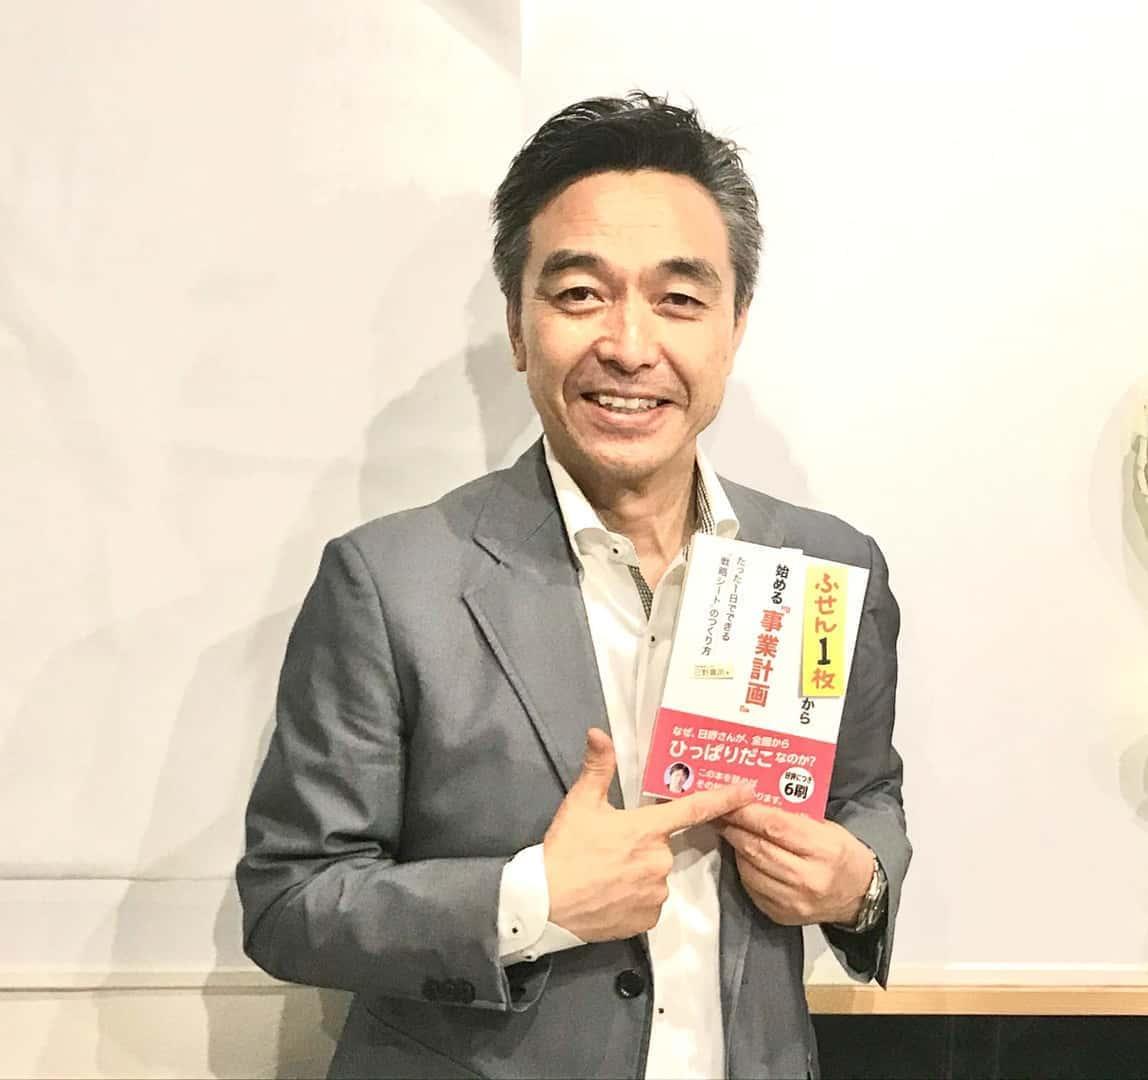 中小企業診断士で『ふせん1枚から始める事業計画』著者の日野氏にインタビュー